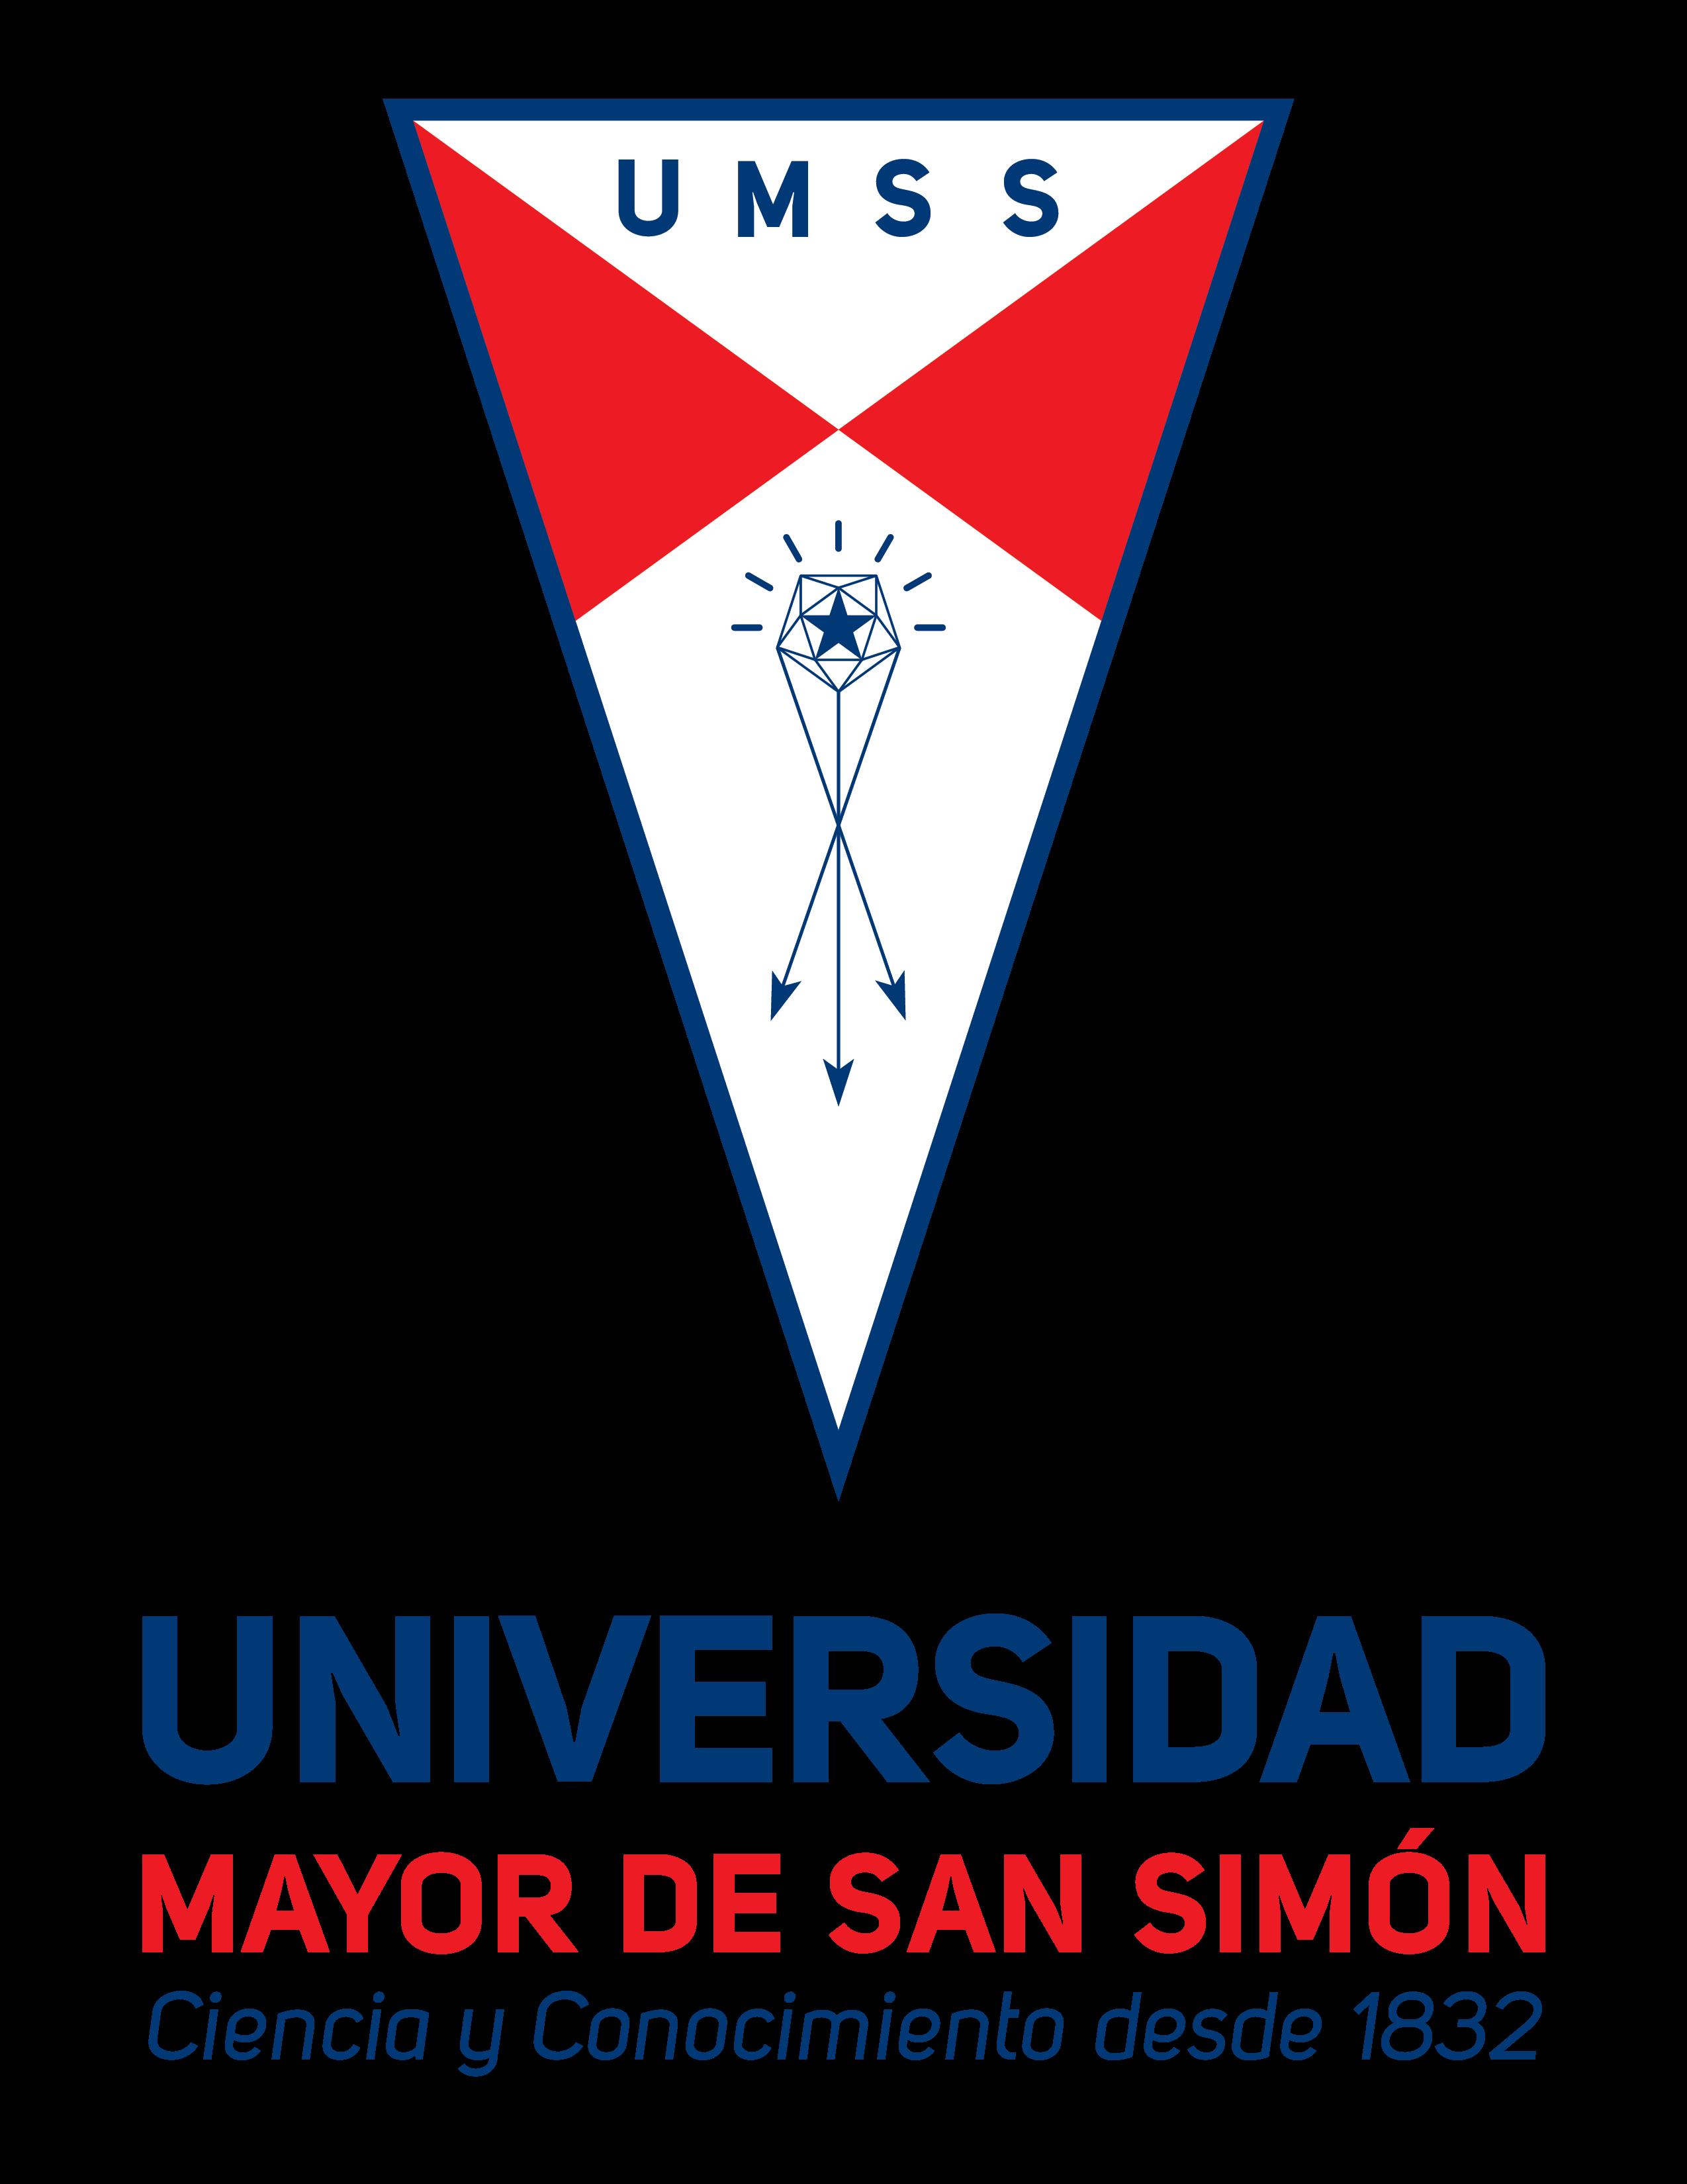 PRAHC UMSS